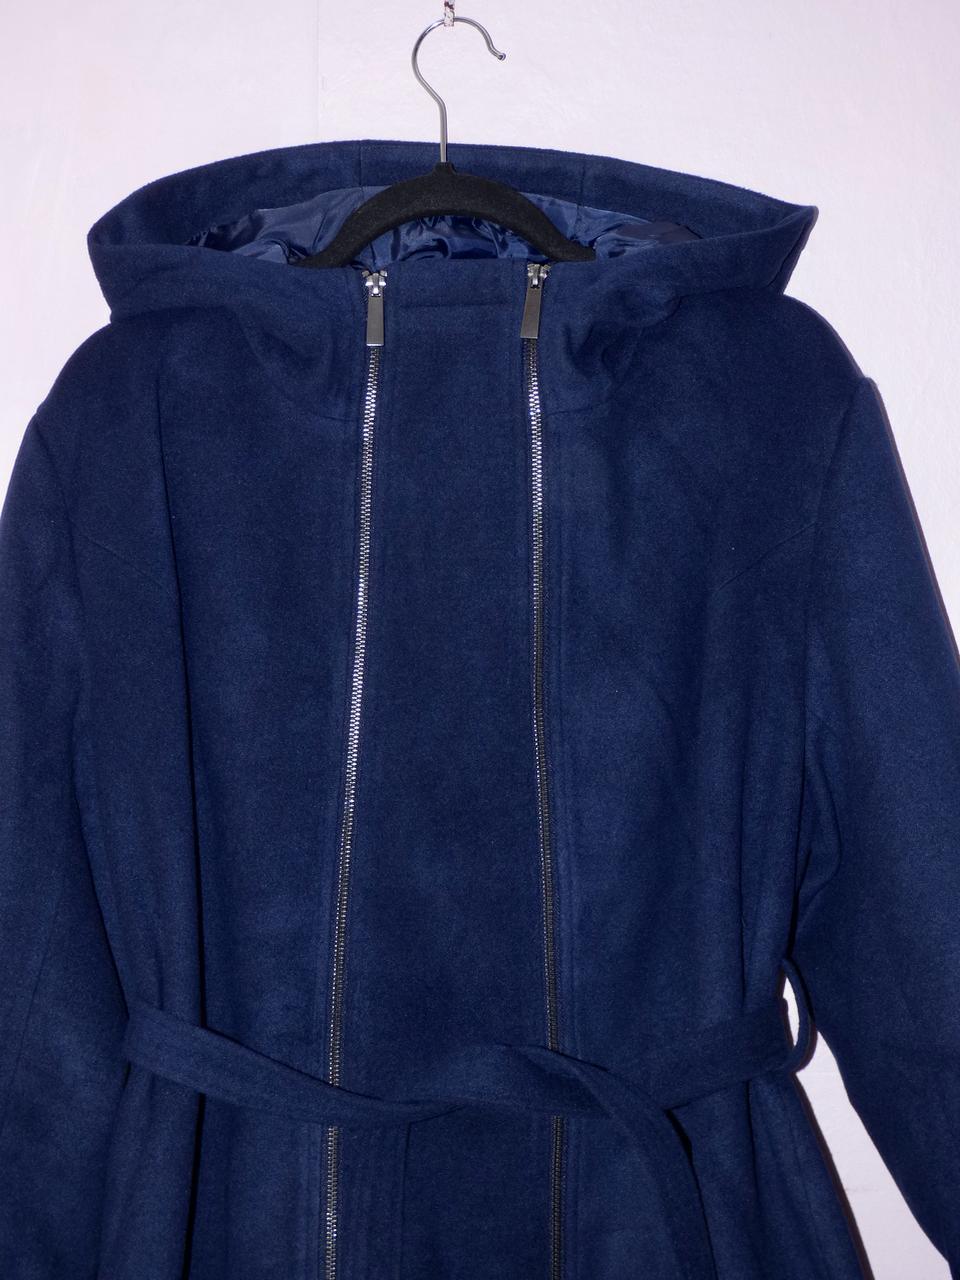 coat_hang_close